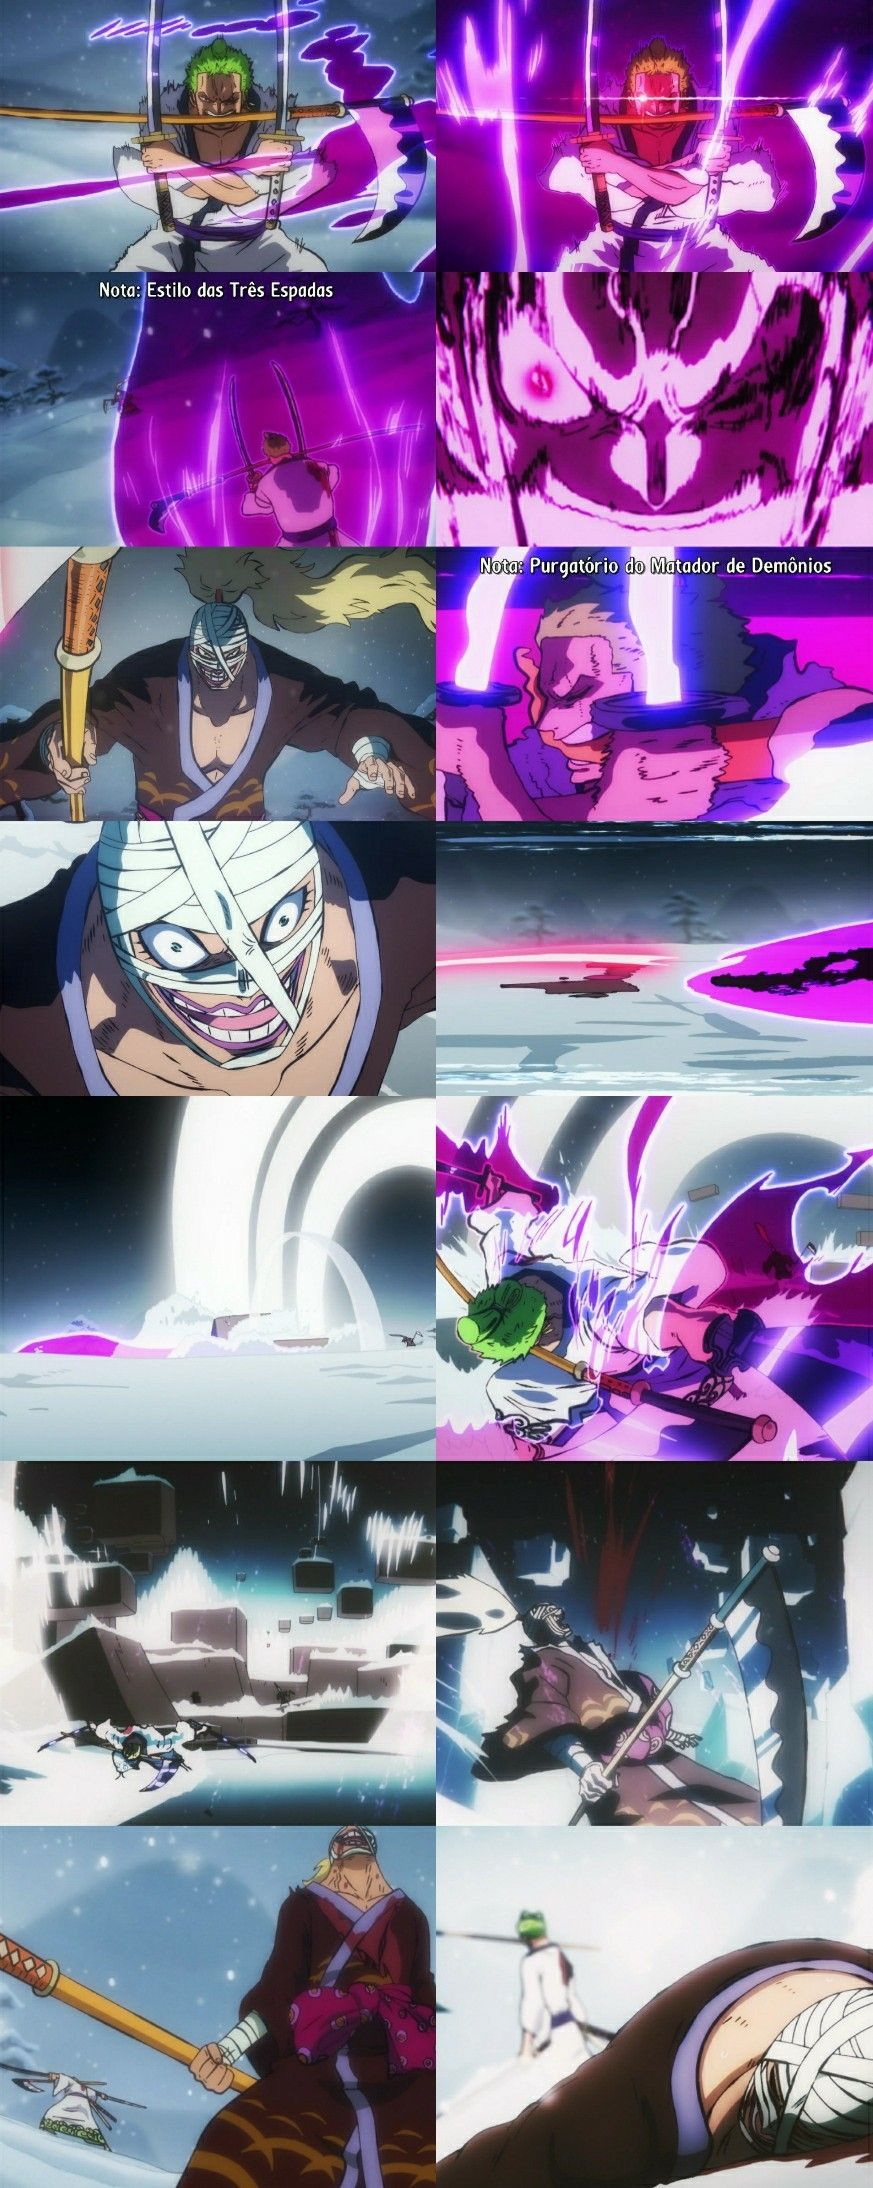 One Piece Ep 934 Personagens De Anime Anime Meme Engracado